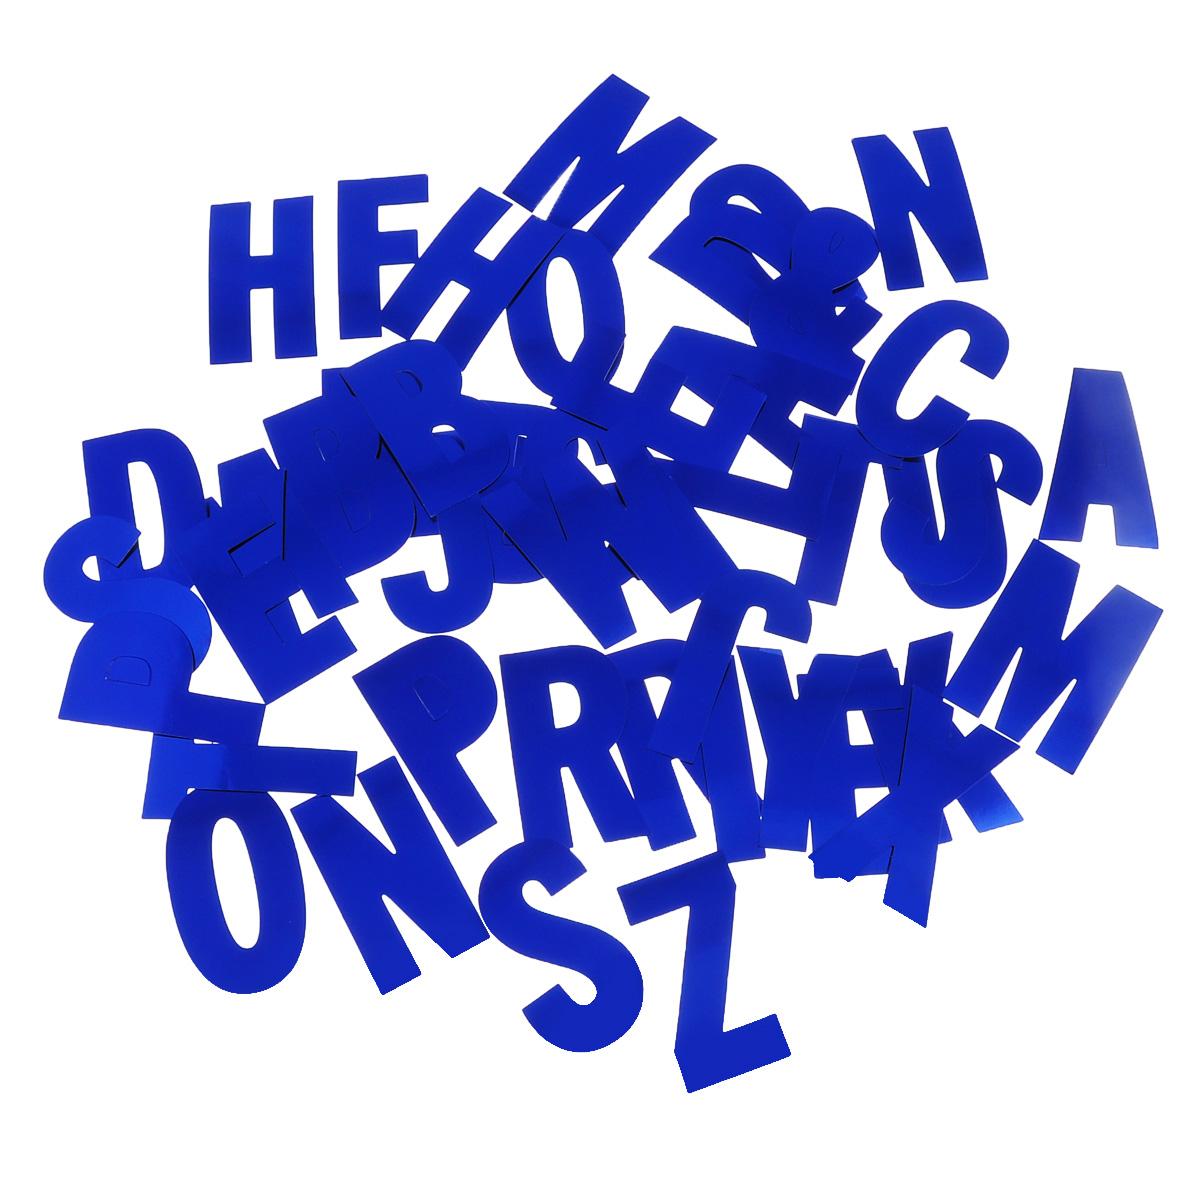 Вырубки My Minds Eye Алфавит, глянцевые, 46 шт, цвет: синий. NC1013NC1013Вырубки My Minds Eye Алфавит прекрасно подойдут для оформления творческих работ в технике скрапбукинг. Их можно использовать для украшения фотоальбомов, скрап-страничек, подарков, конвертов, фоторамок, открыток и т.д. В наборе - 46 элементов в виде букв английского алфавита, которые выполнены из плотного картона с глянцевой поверхностью. Скрапбукинг - это хобби, которое способно приносить массу приятных эмоций не только человеку, который этим занимается, но и его близким, друзьям, родным. Это невероятно увлекательное занятие, которое поможет вам сохранить наиболее памятные и яркие моменты вашей жизни, а также интересно оформить интерьер дома. Высота элемента: 11 см.